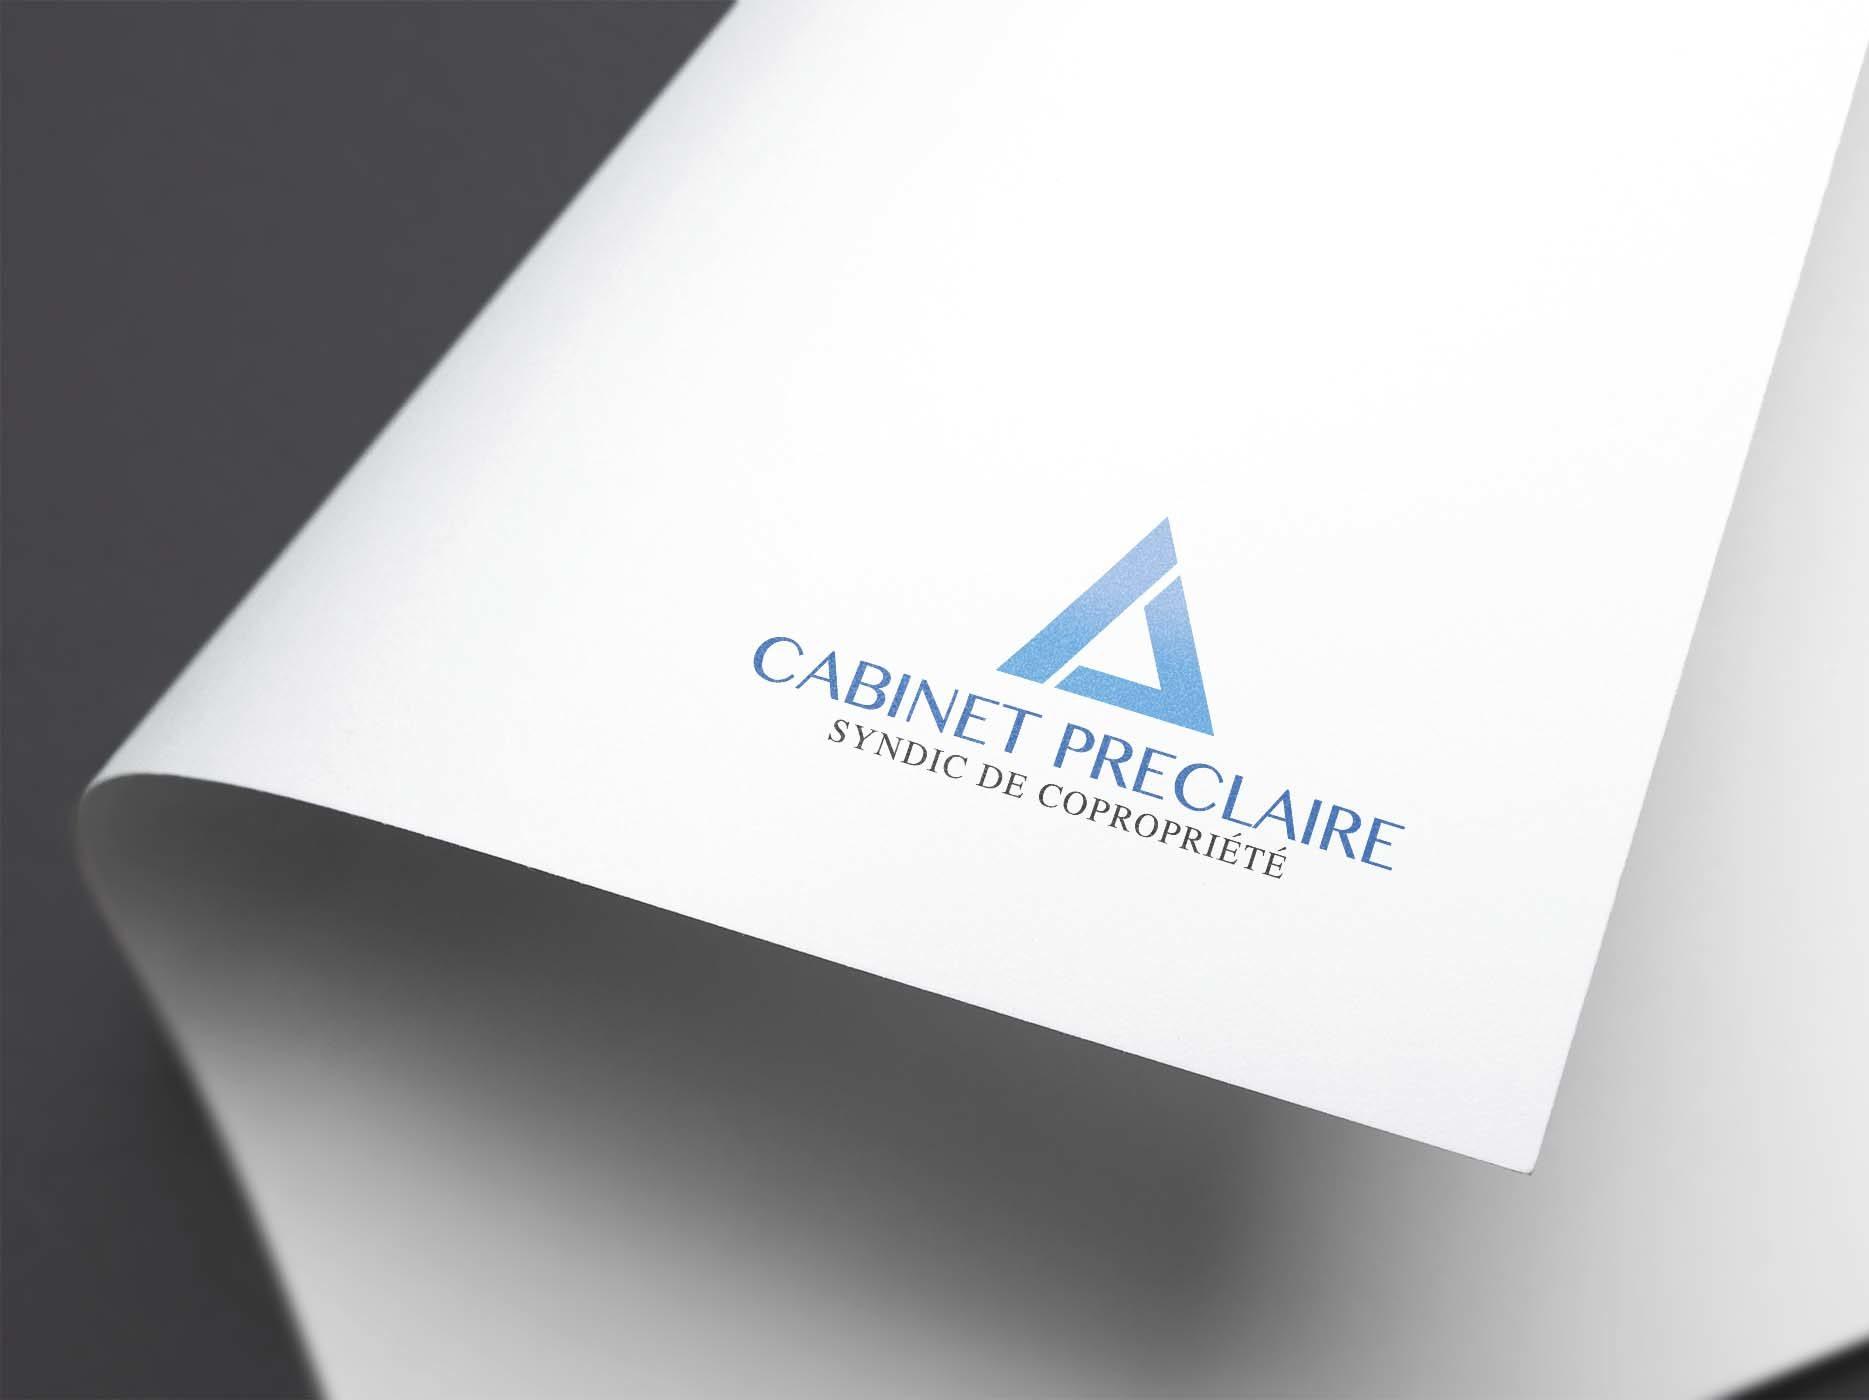 logo cabinet preclaire